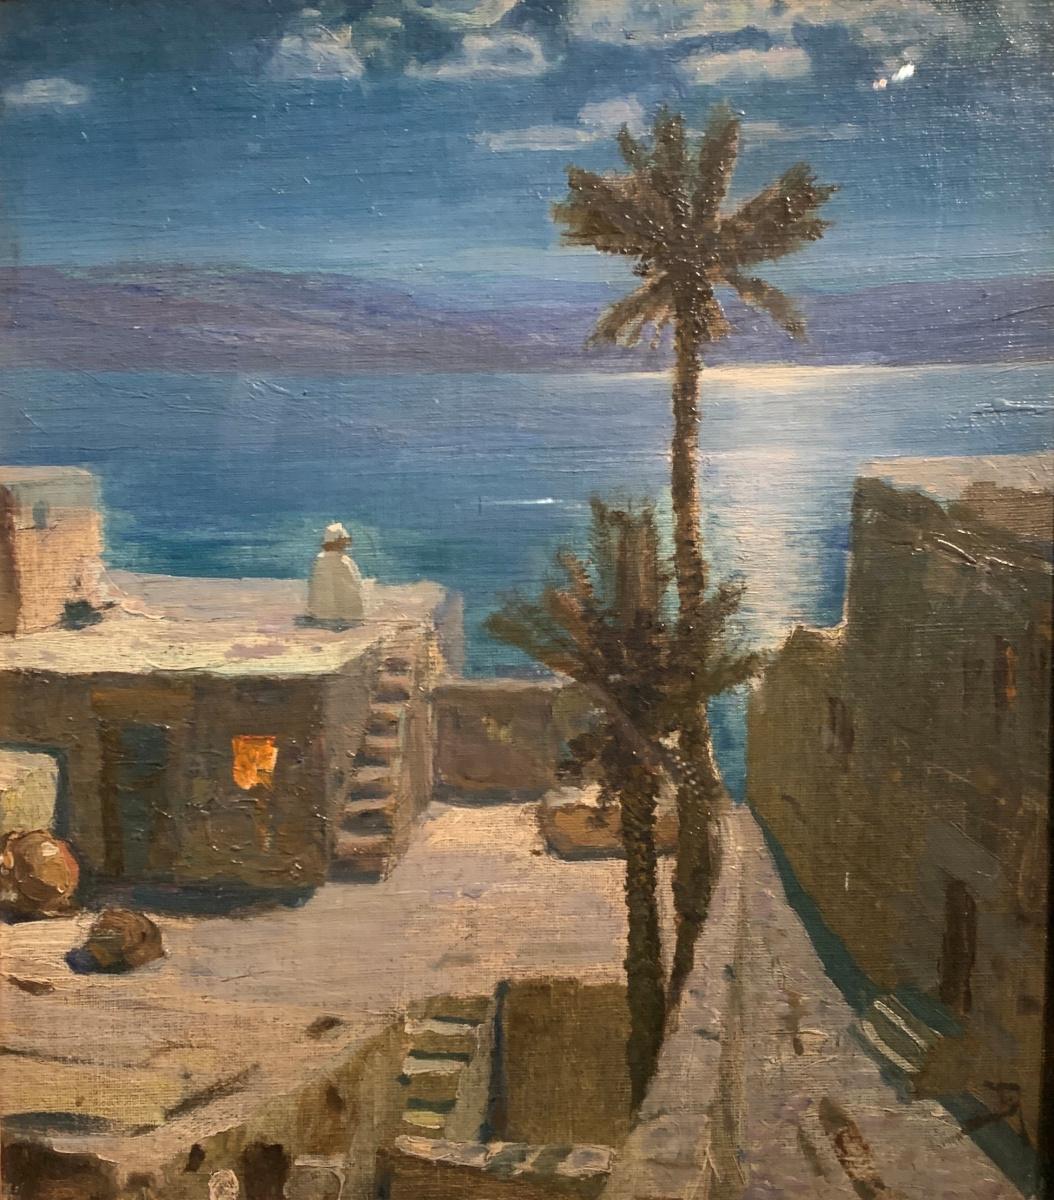 """Vasily Dmitrievich Polenov. Settled in Capernaum Seaside. Series """"From the Life of Christ"""""""